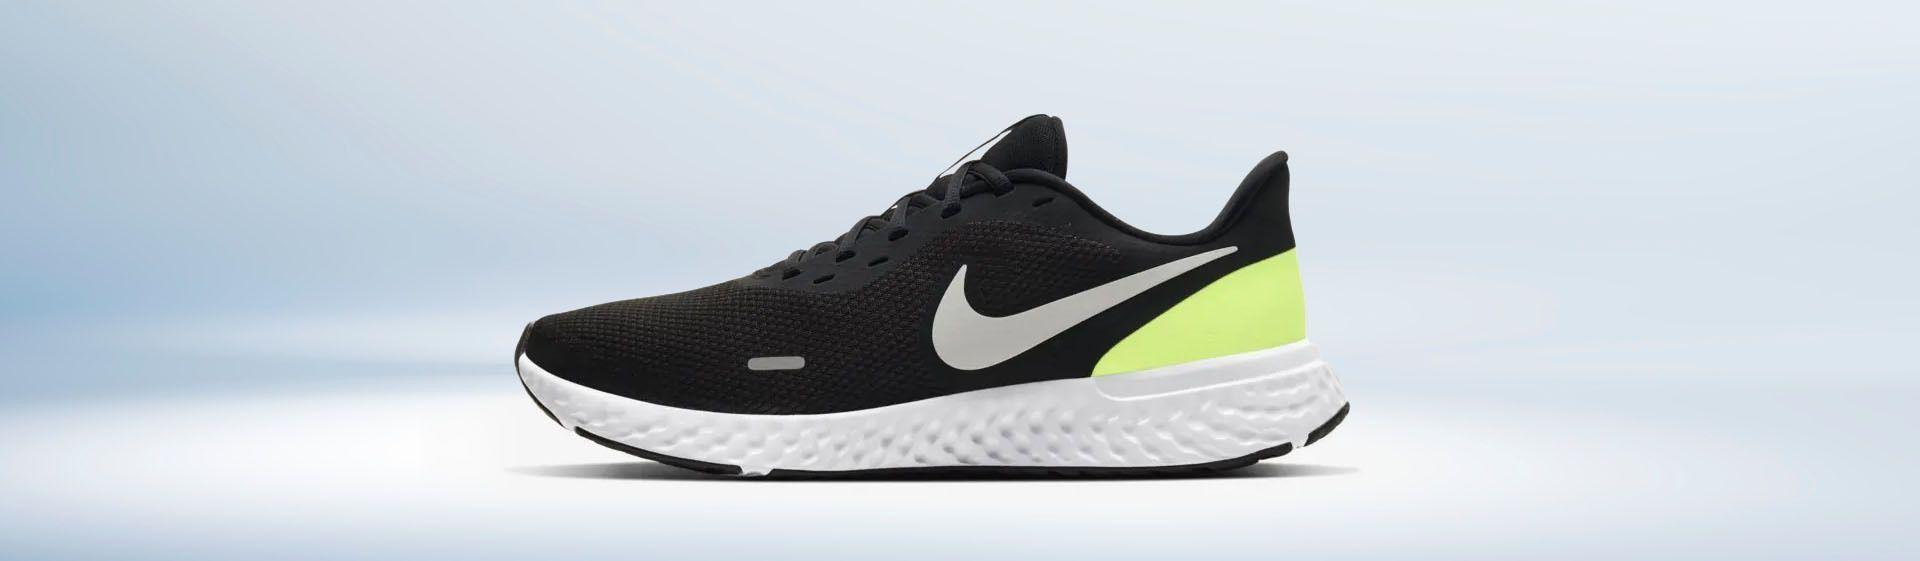 Tênis Nike Revolution 5 é bom? Veja análise do tênis de corrida